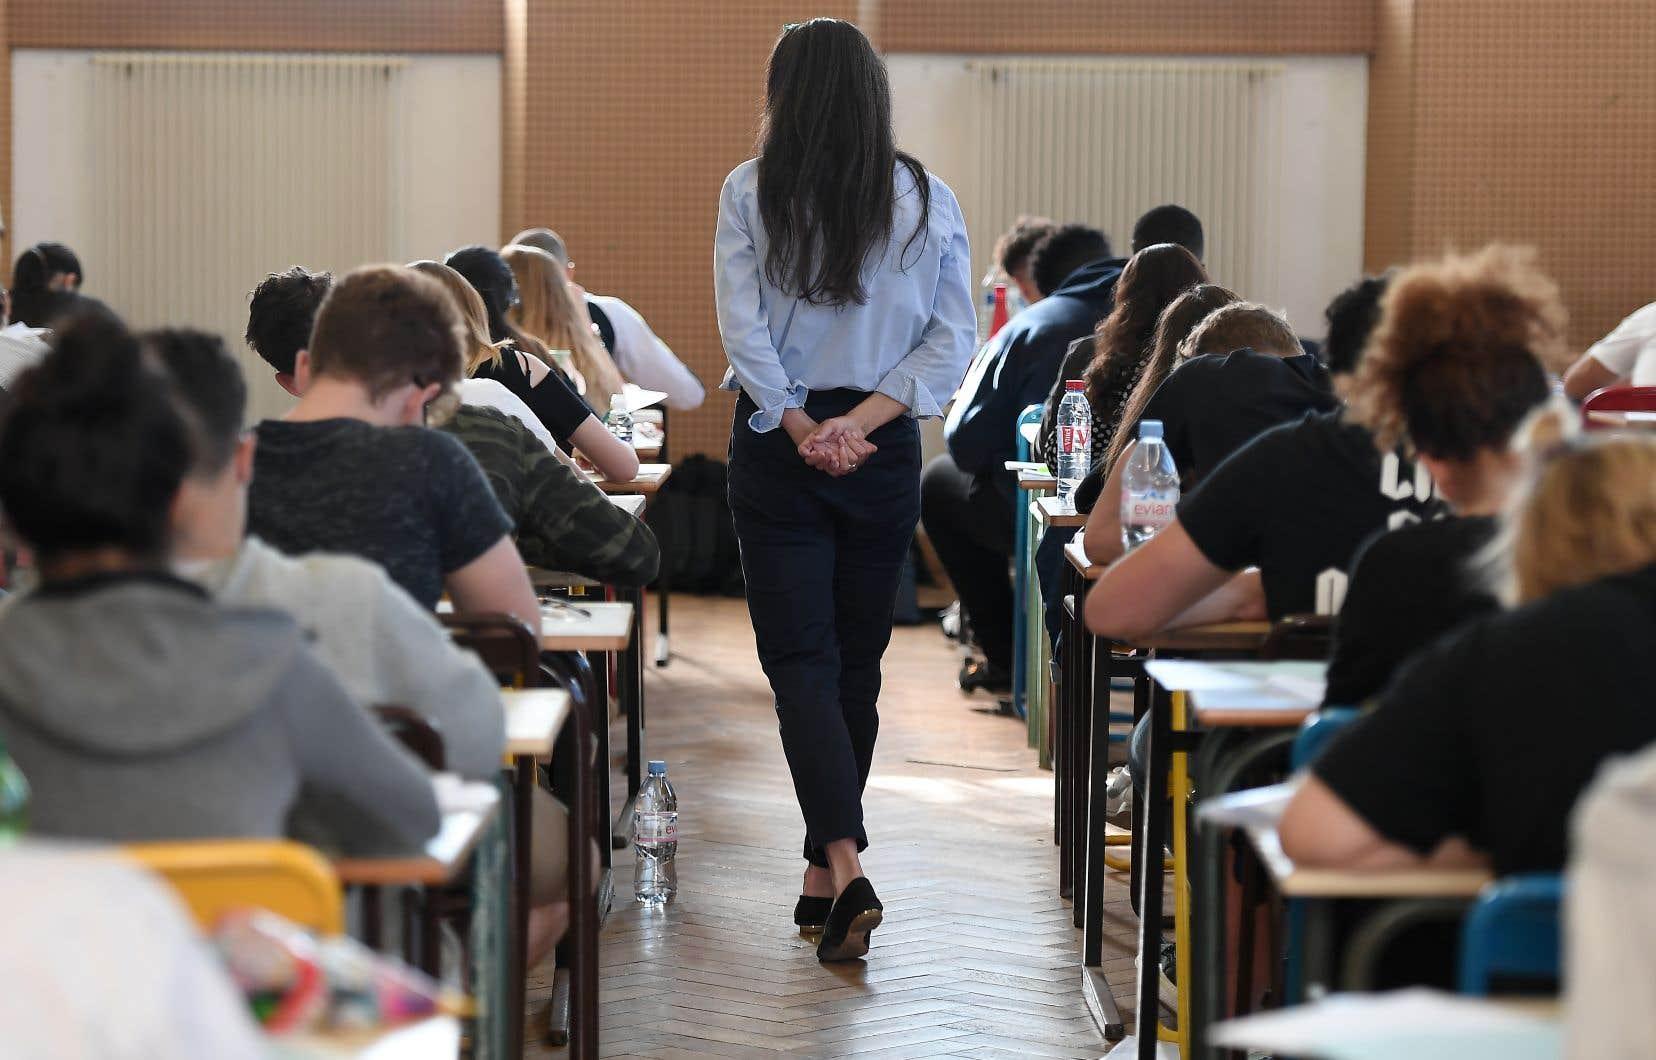 Actuellement, les universités et les cégeps sont appelés à baliser les relations entre les étudiants et les enseignants. De la même manière, l'État doit baliser la neutralité du comportement de ses employés.